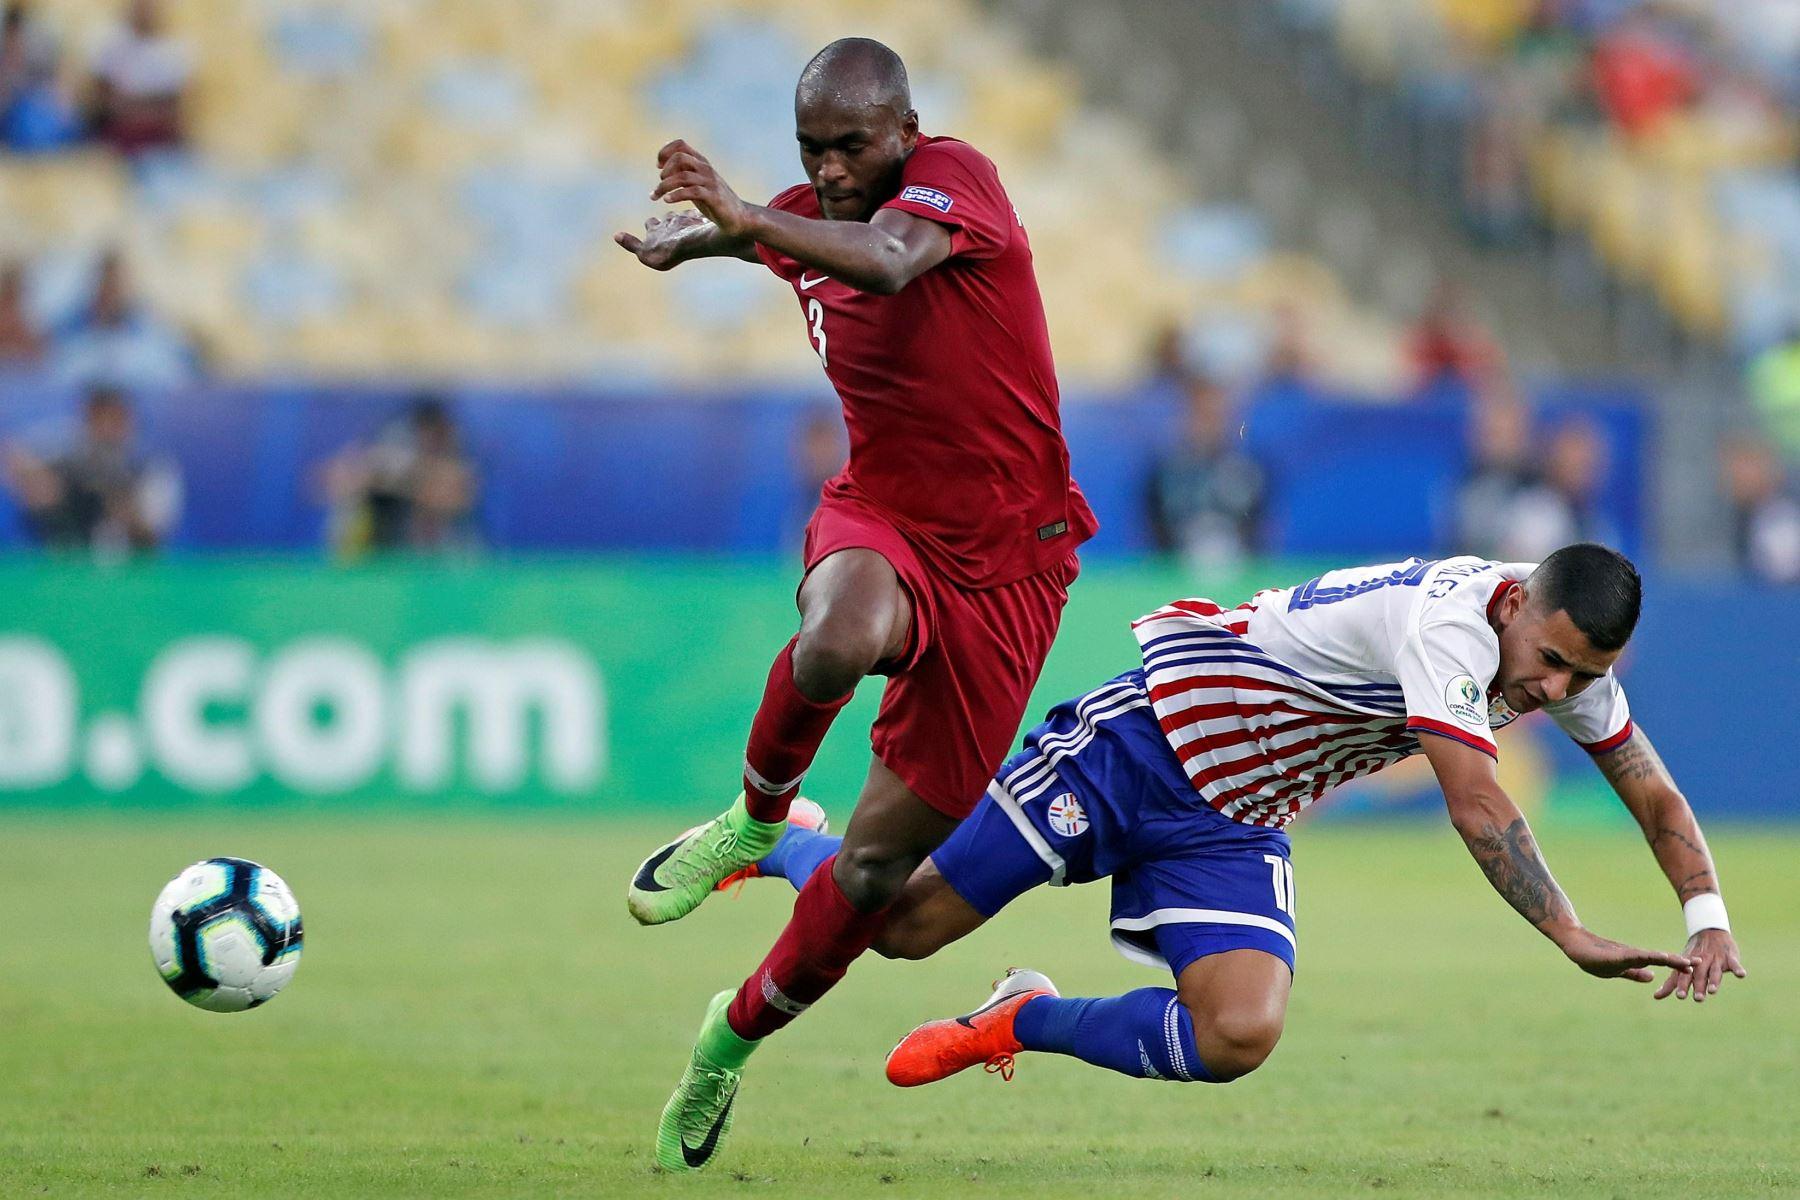 Abdelkarim Fadlalla (i) de Catar disputa un balón con Derlis González de Paraguay durante el partido Paraguay-Catar del Grupo B de la Copa América de Fútbol 2019. Foto: EFE